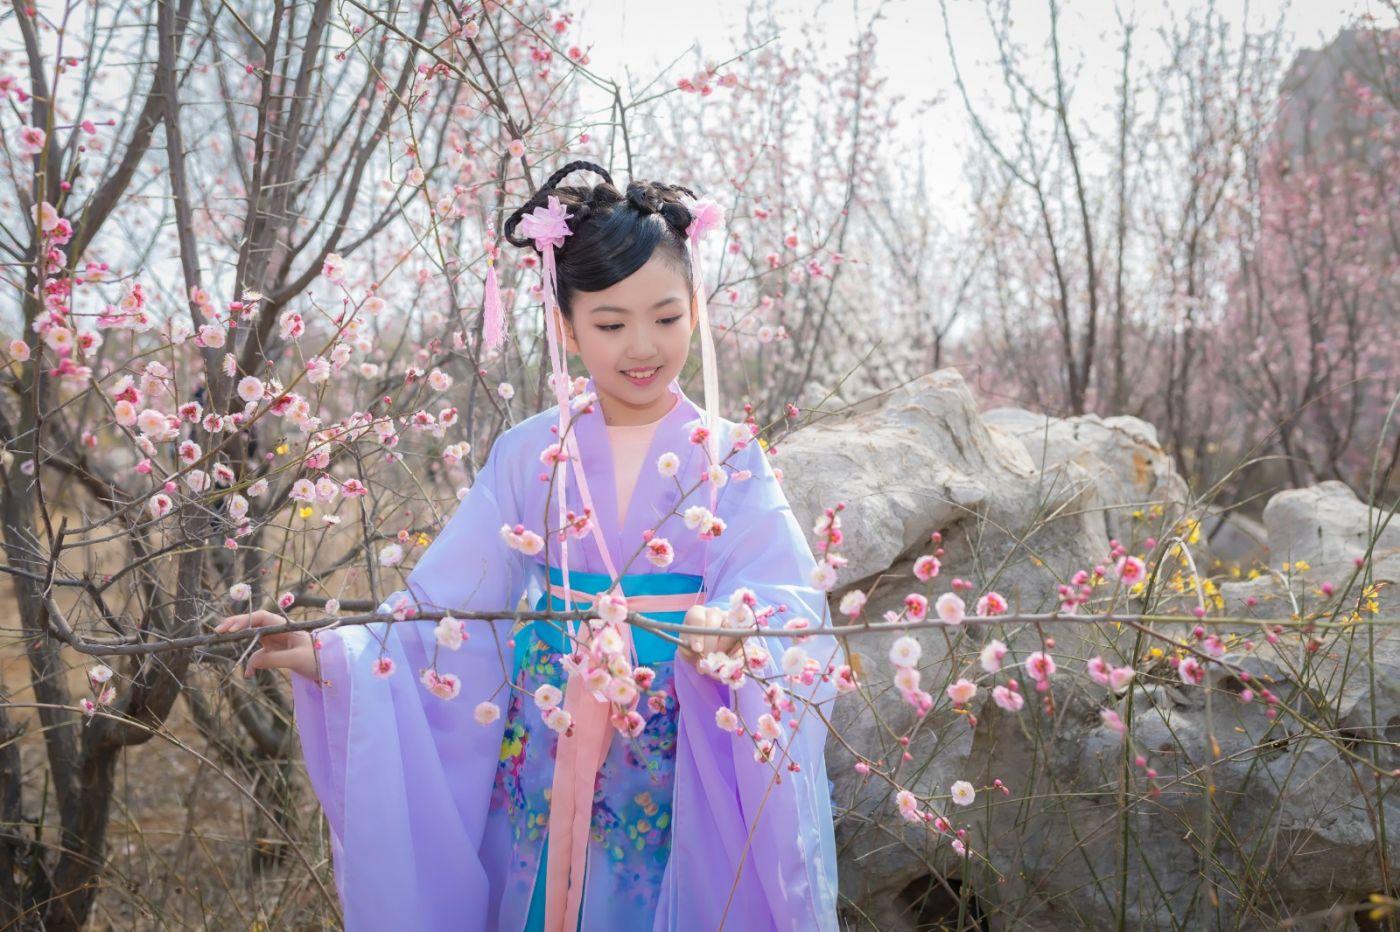 翟家小妮翟雅慧之春到梅园 花儿与少年系列 梅园尽显中国风_图1-9